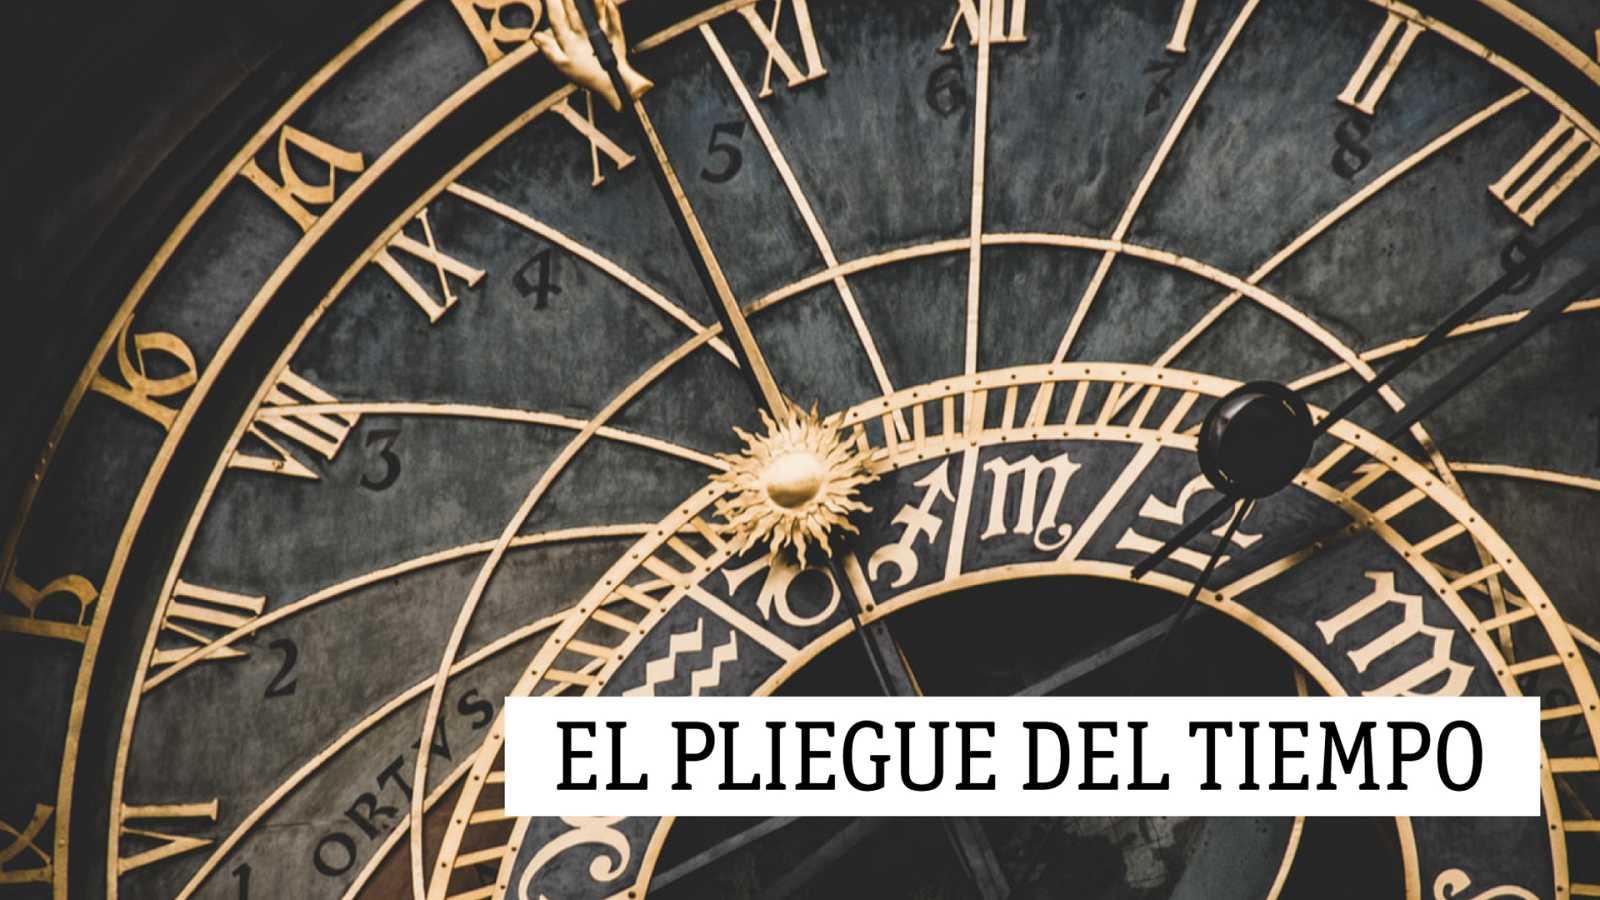 El pliegue del tiempo - Scarlatti contemporáneo - 09/06/21